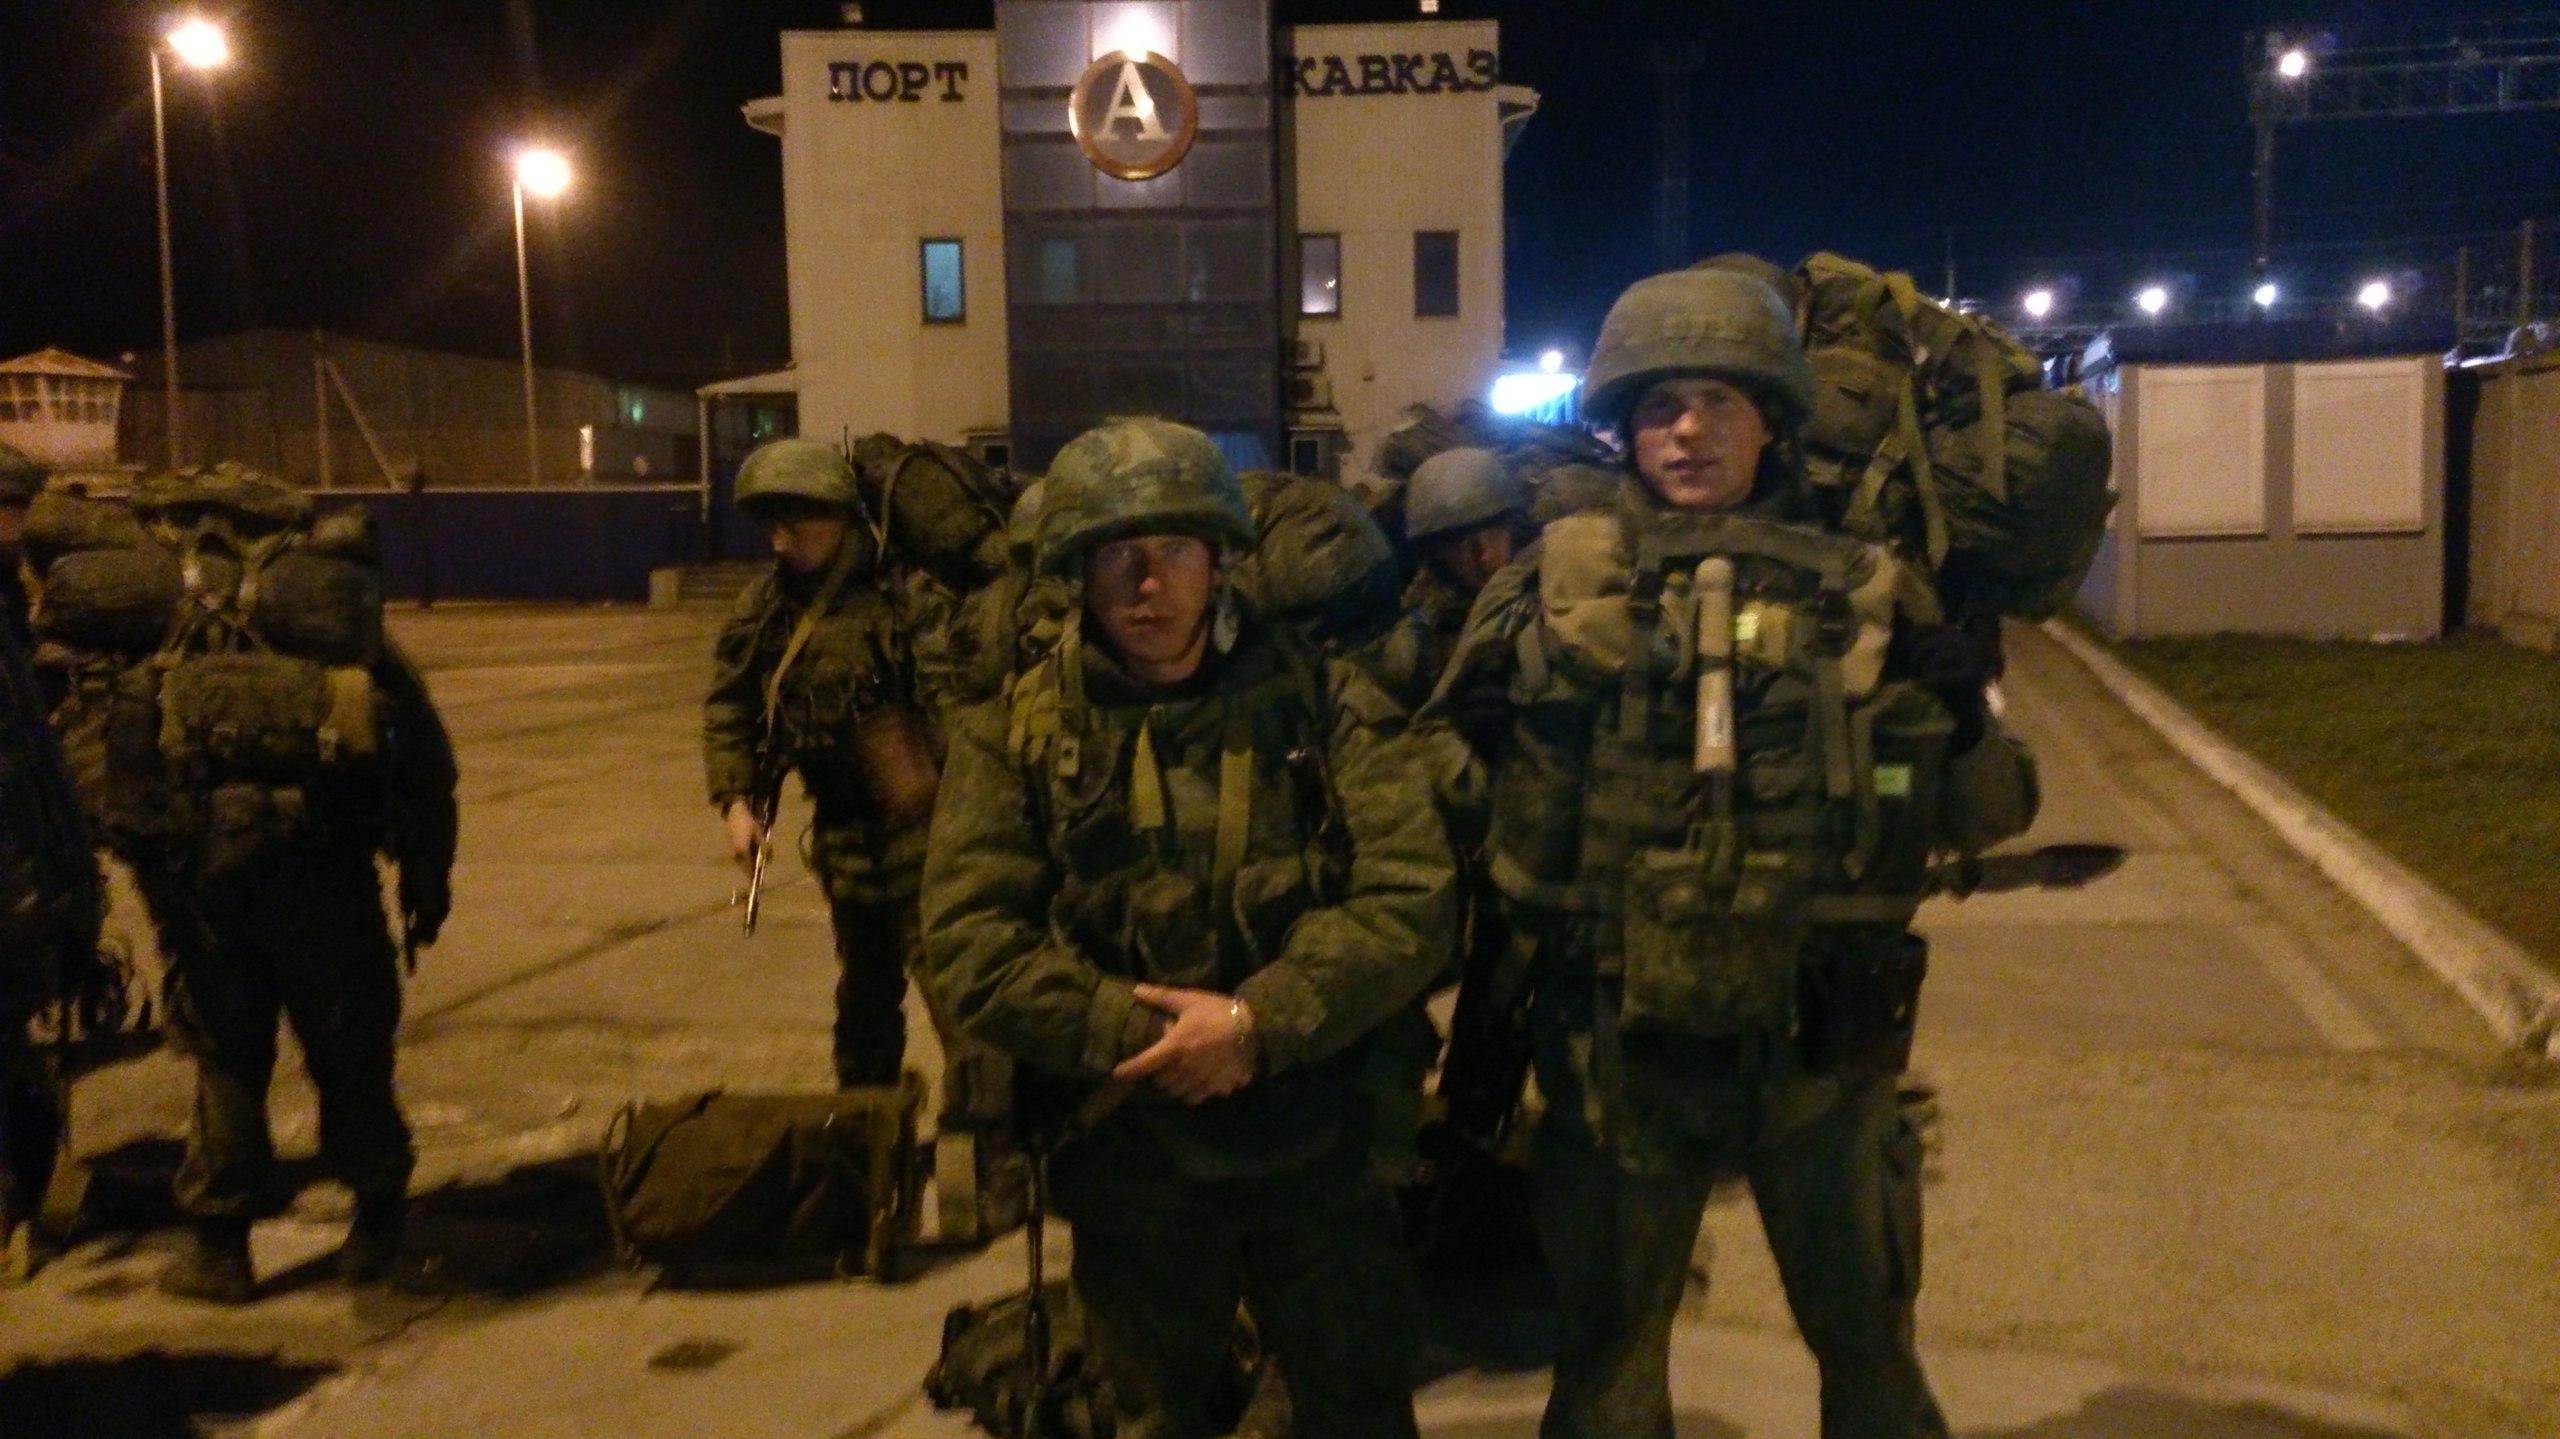 Совбез ООН провел закрытые консультации по ситуации на Донбассе - Цензор.НЕТ 3867